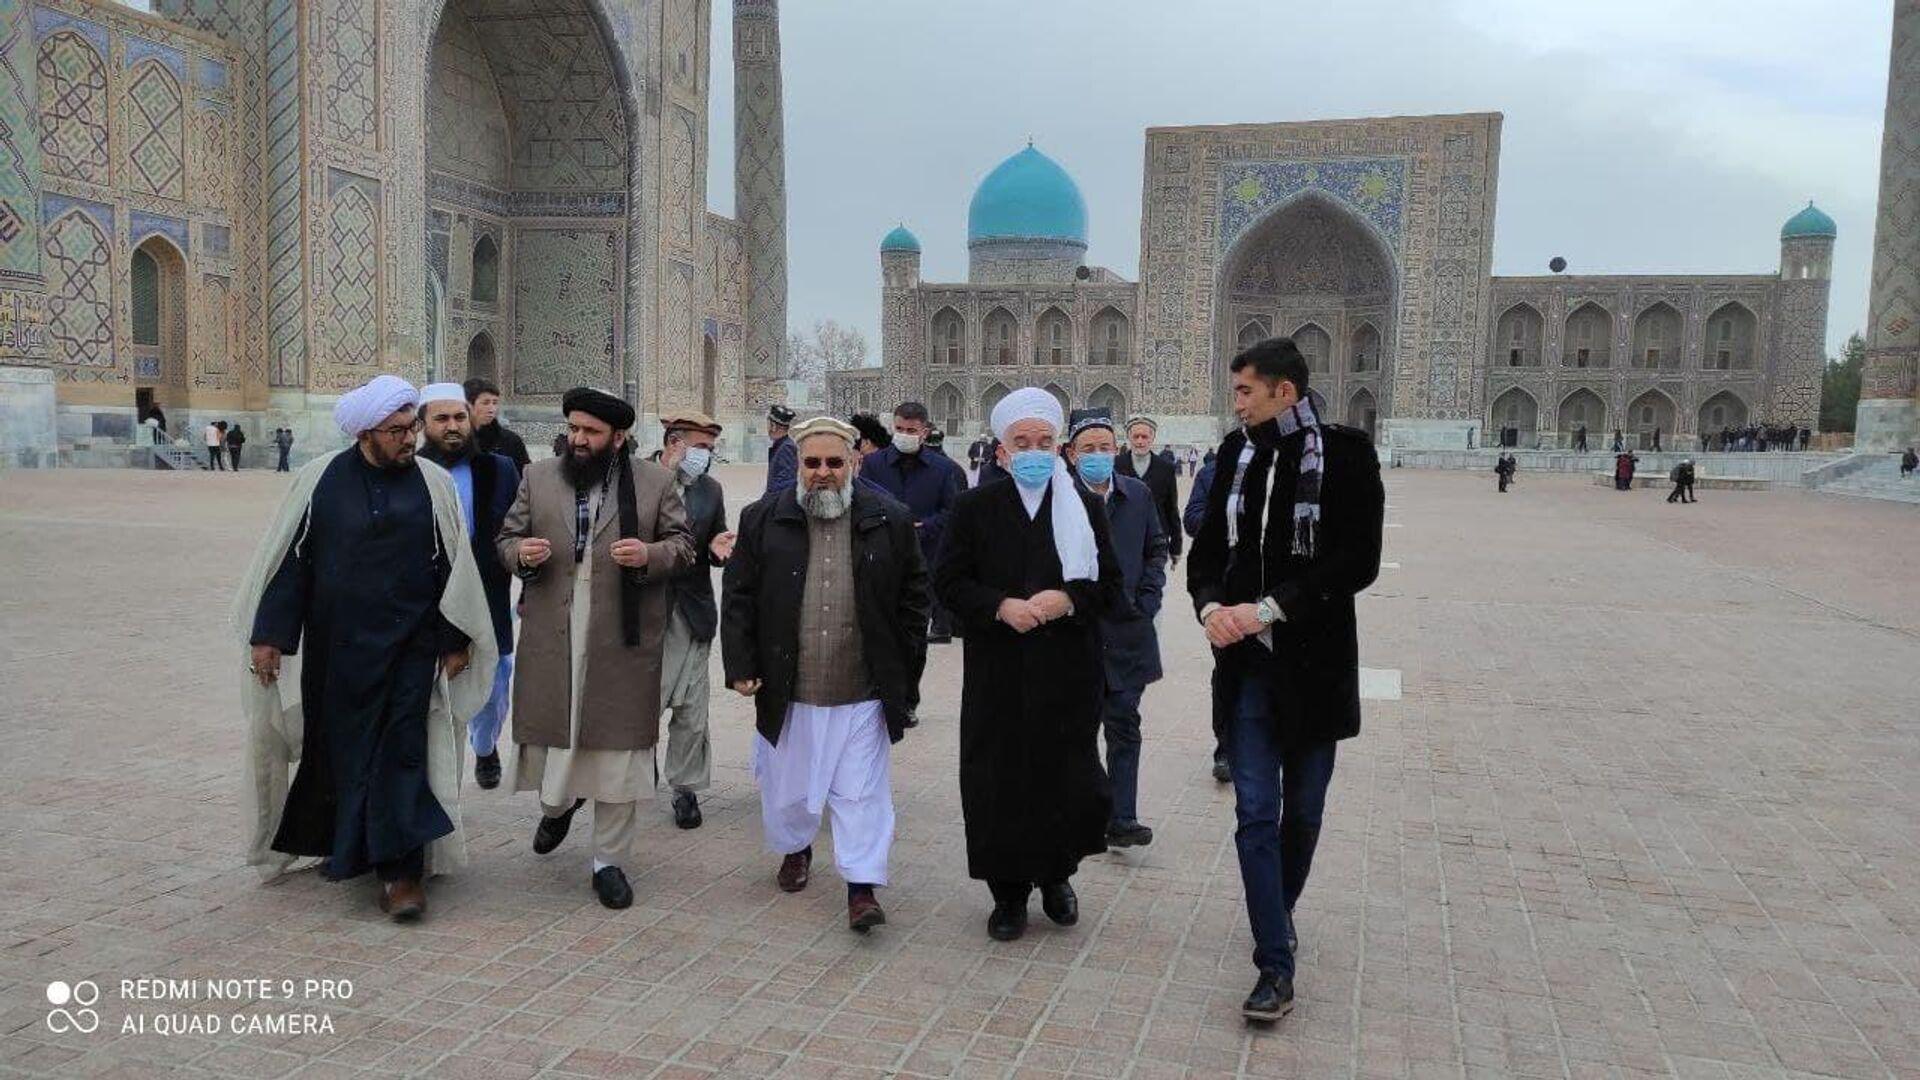 Делегации Афганистана и Таджикистана прибыли в Самарканд для участия в международной конференции посвященной Имам Бухари - Sputnik Ўзбекистон, 1920, 15.03.2021